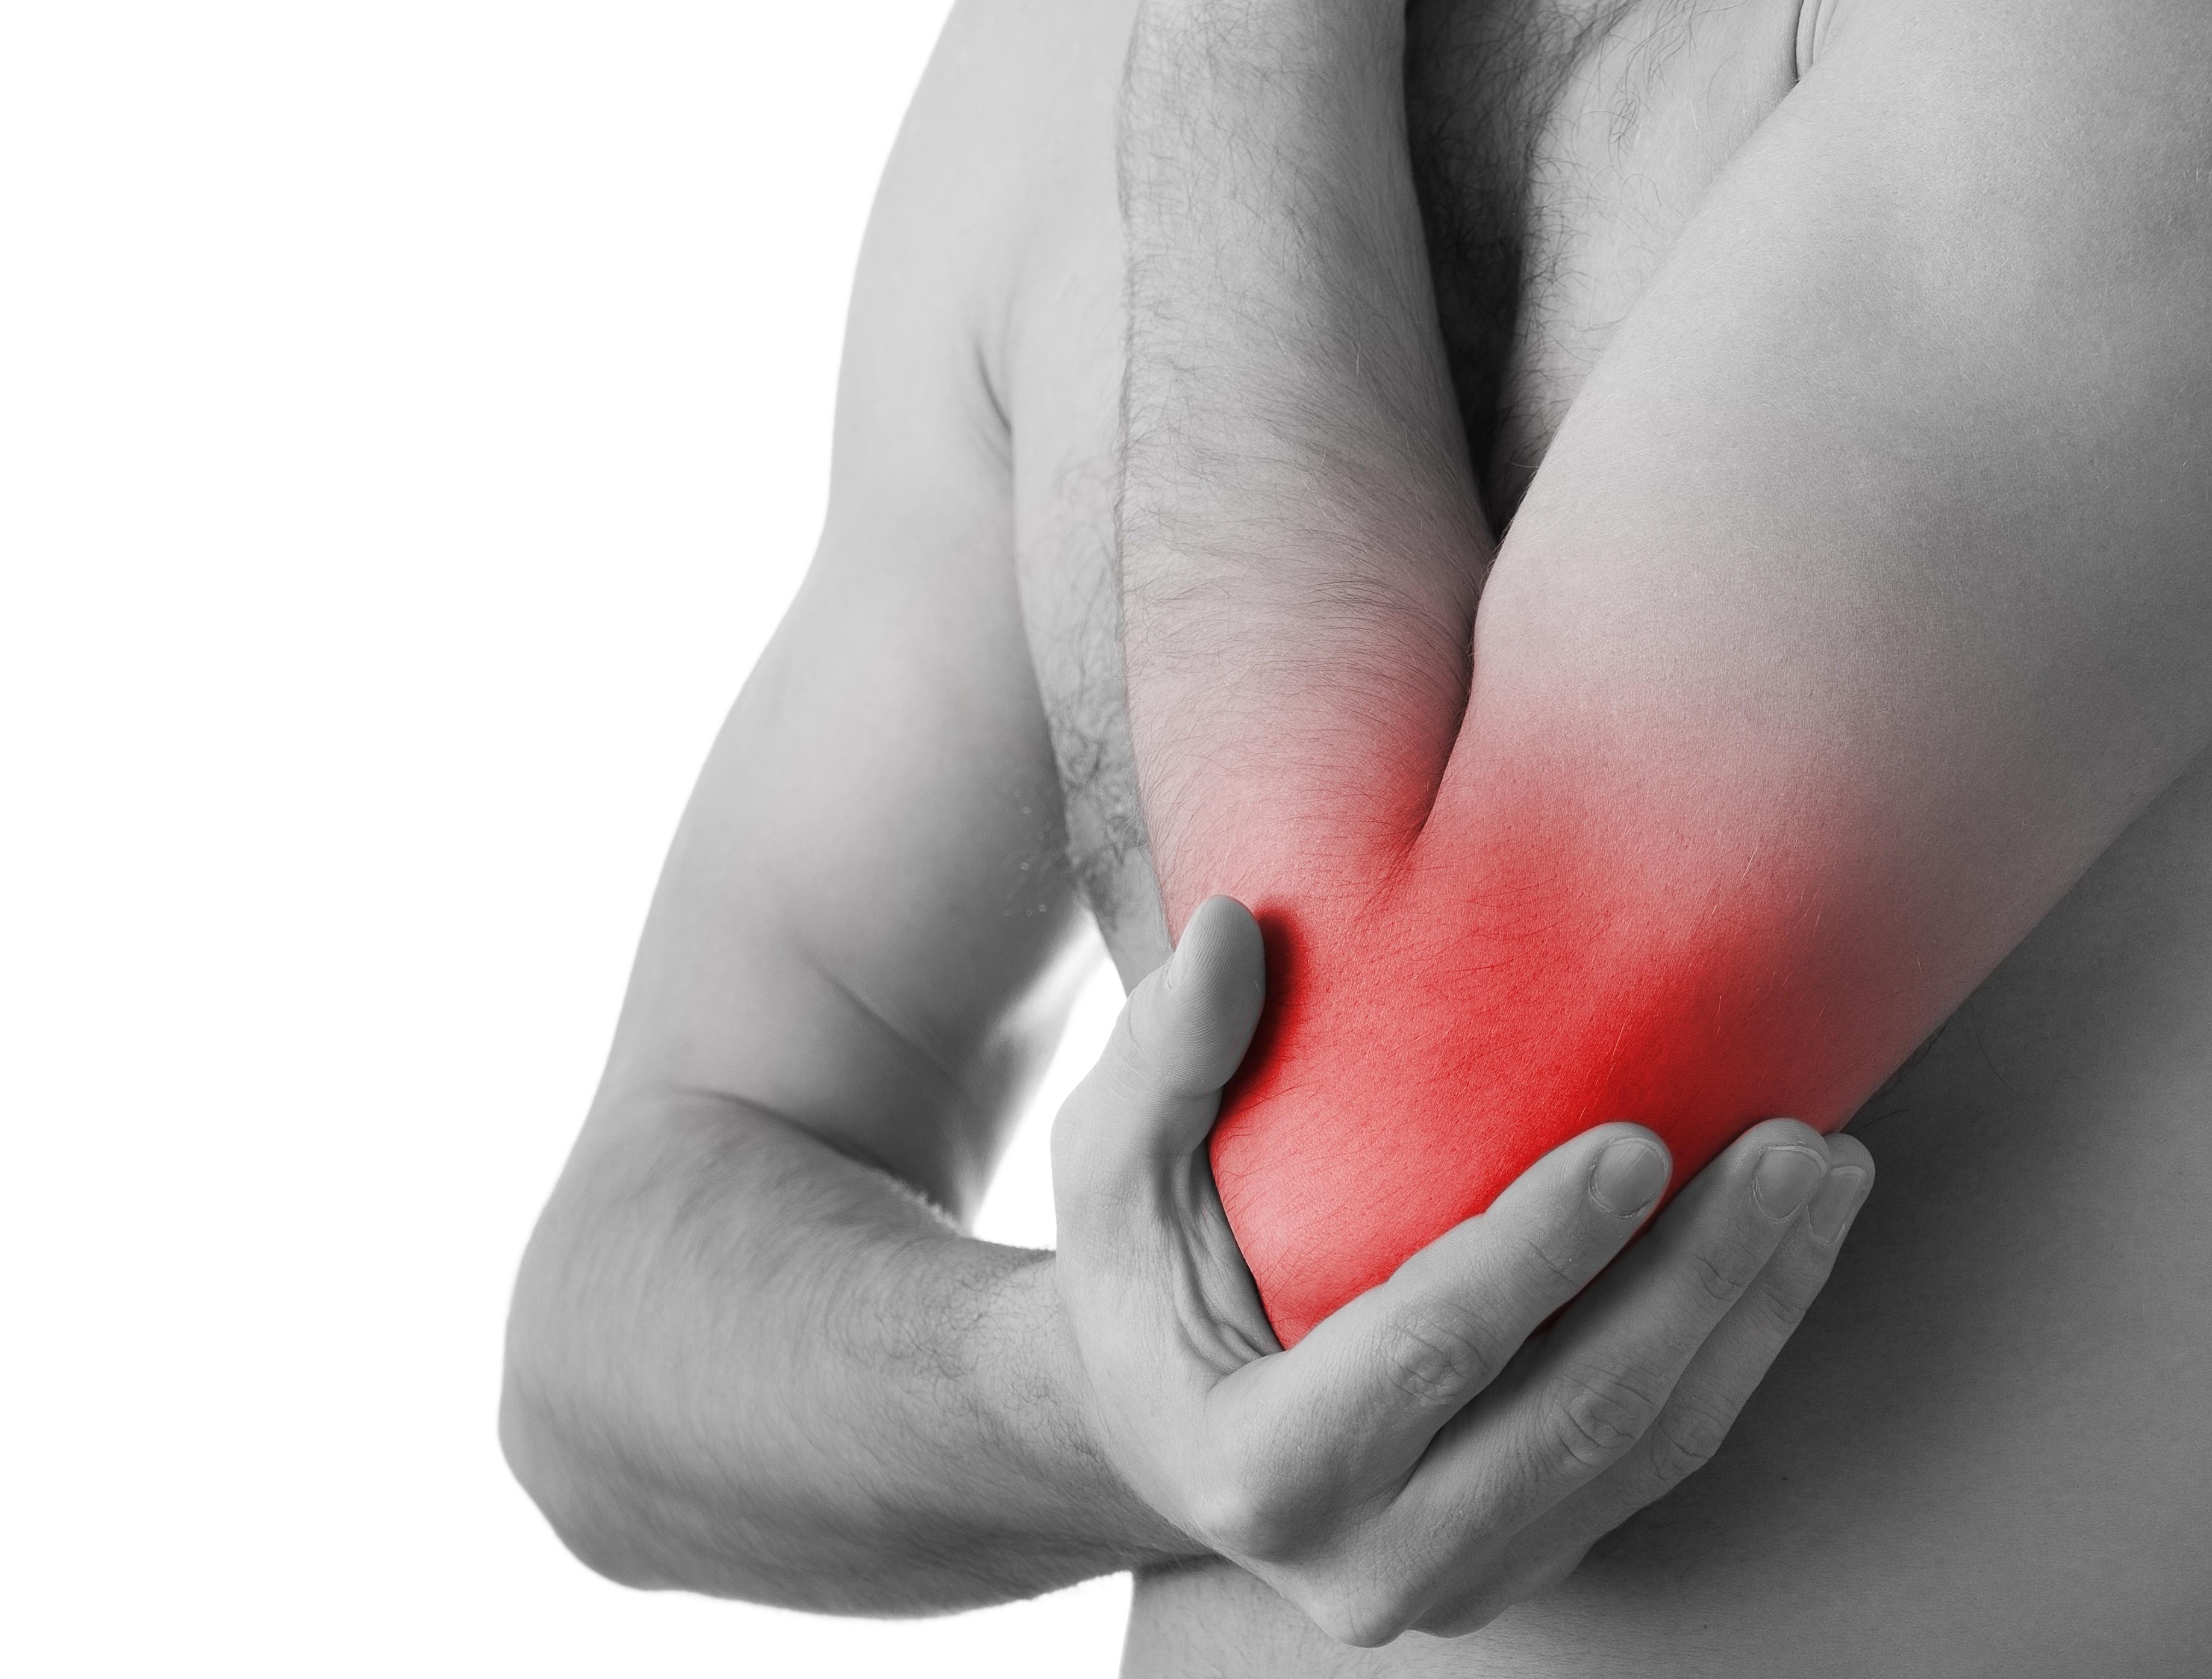 fájdalom ízületi fájdalomkezelés krém oszteokondrozishoz